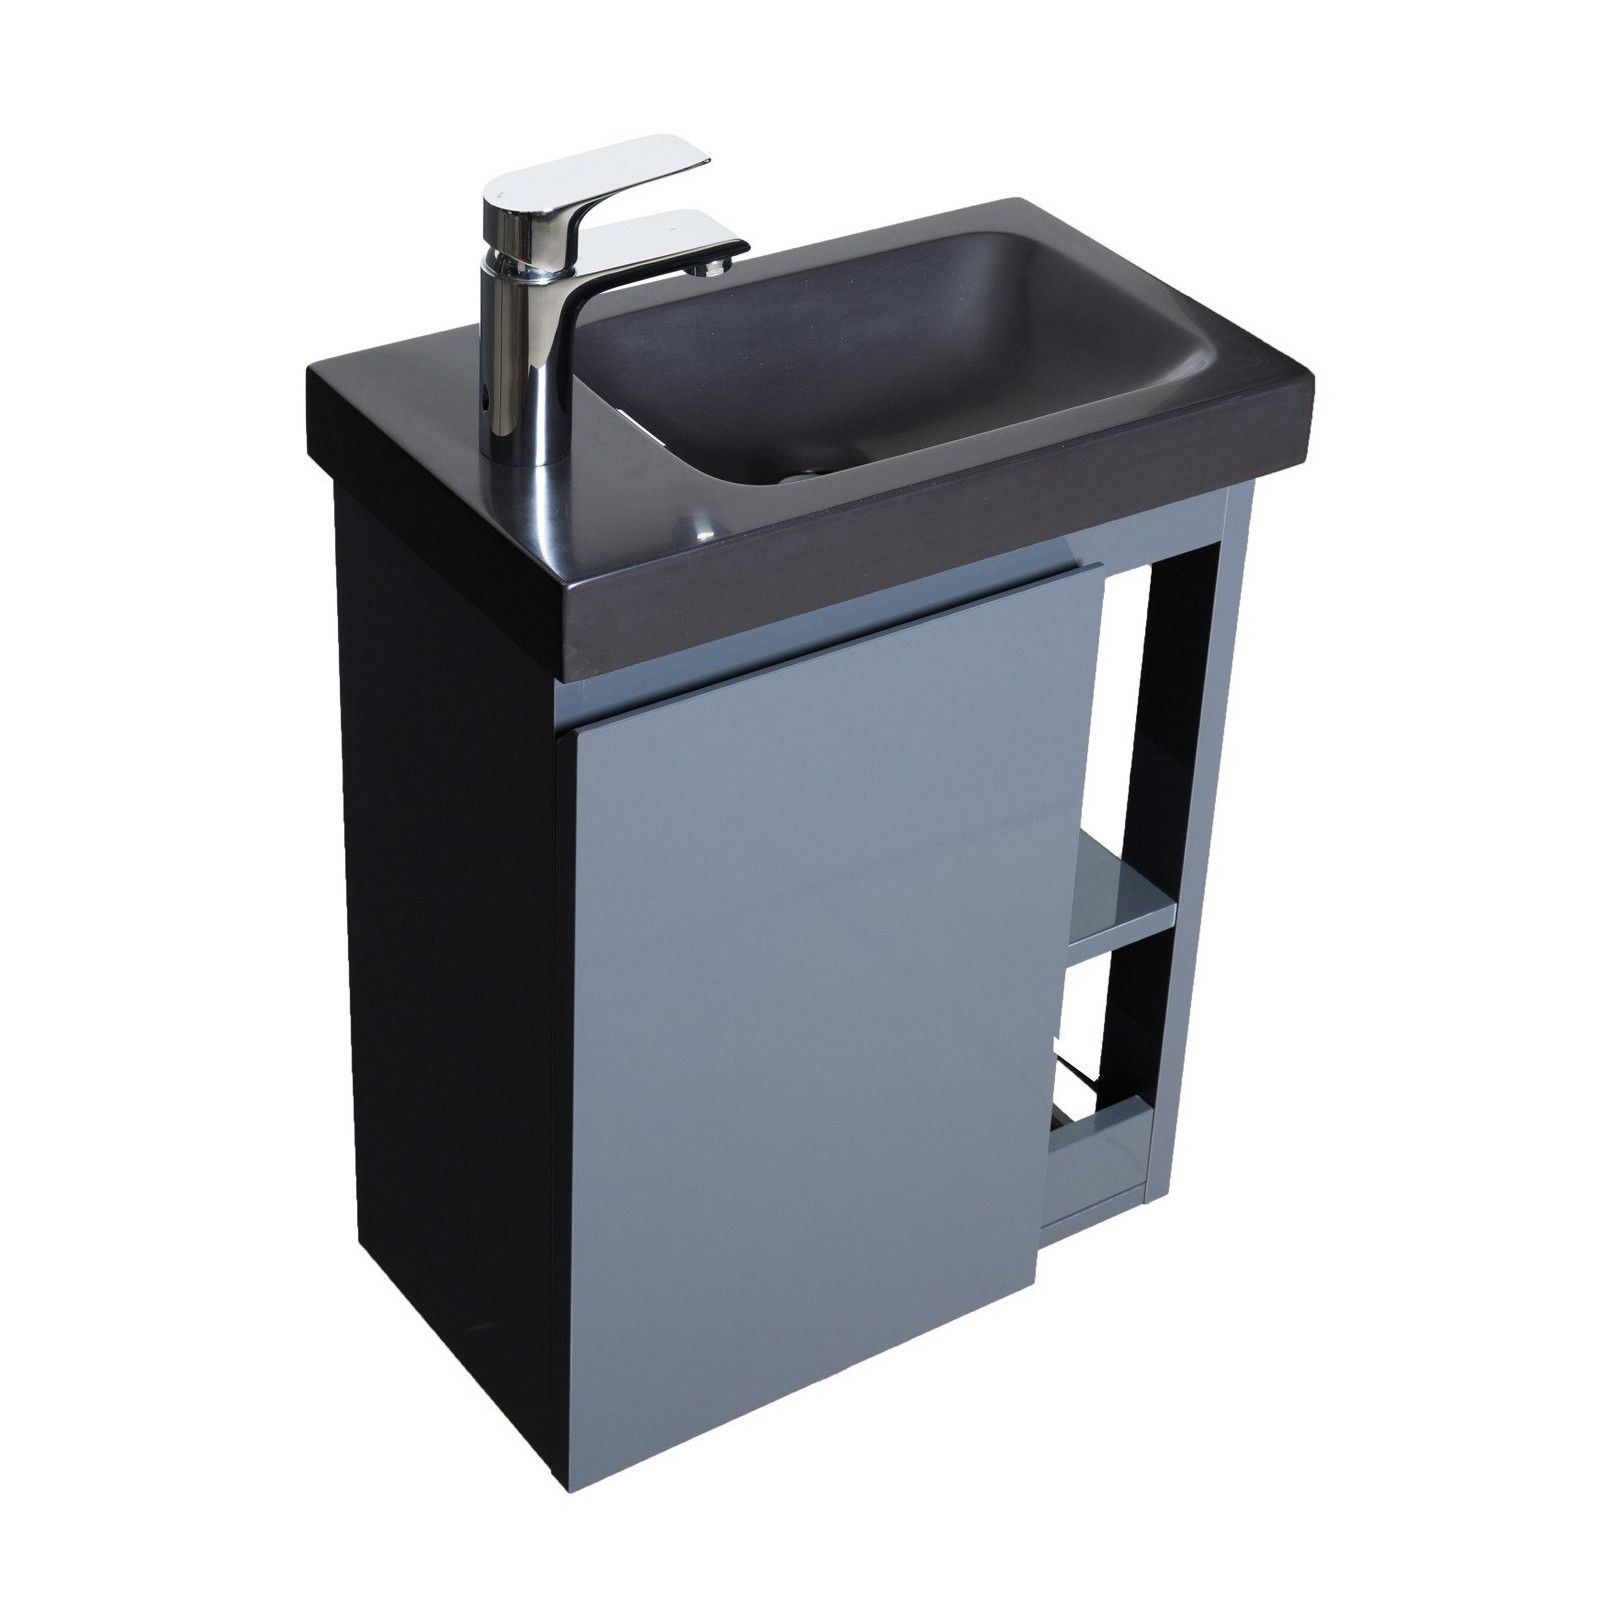 Lave-mains Gris & noir L41,5 x H53 HAMPTON